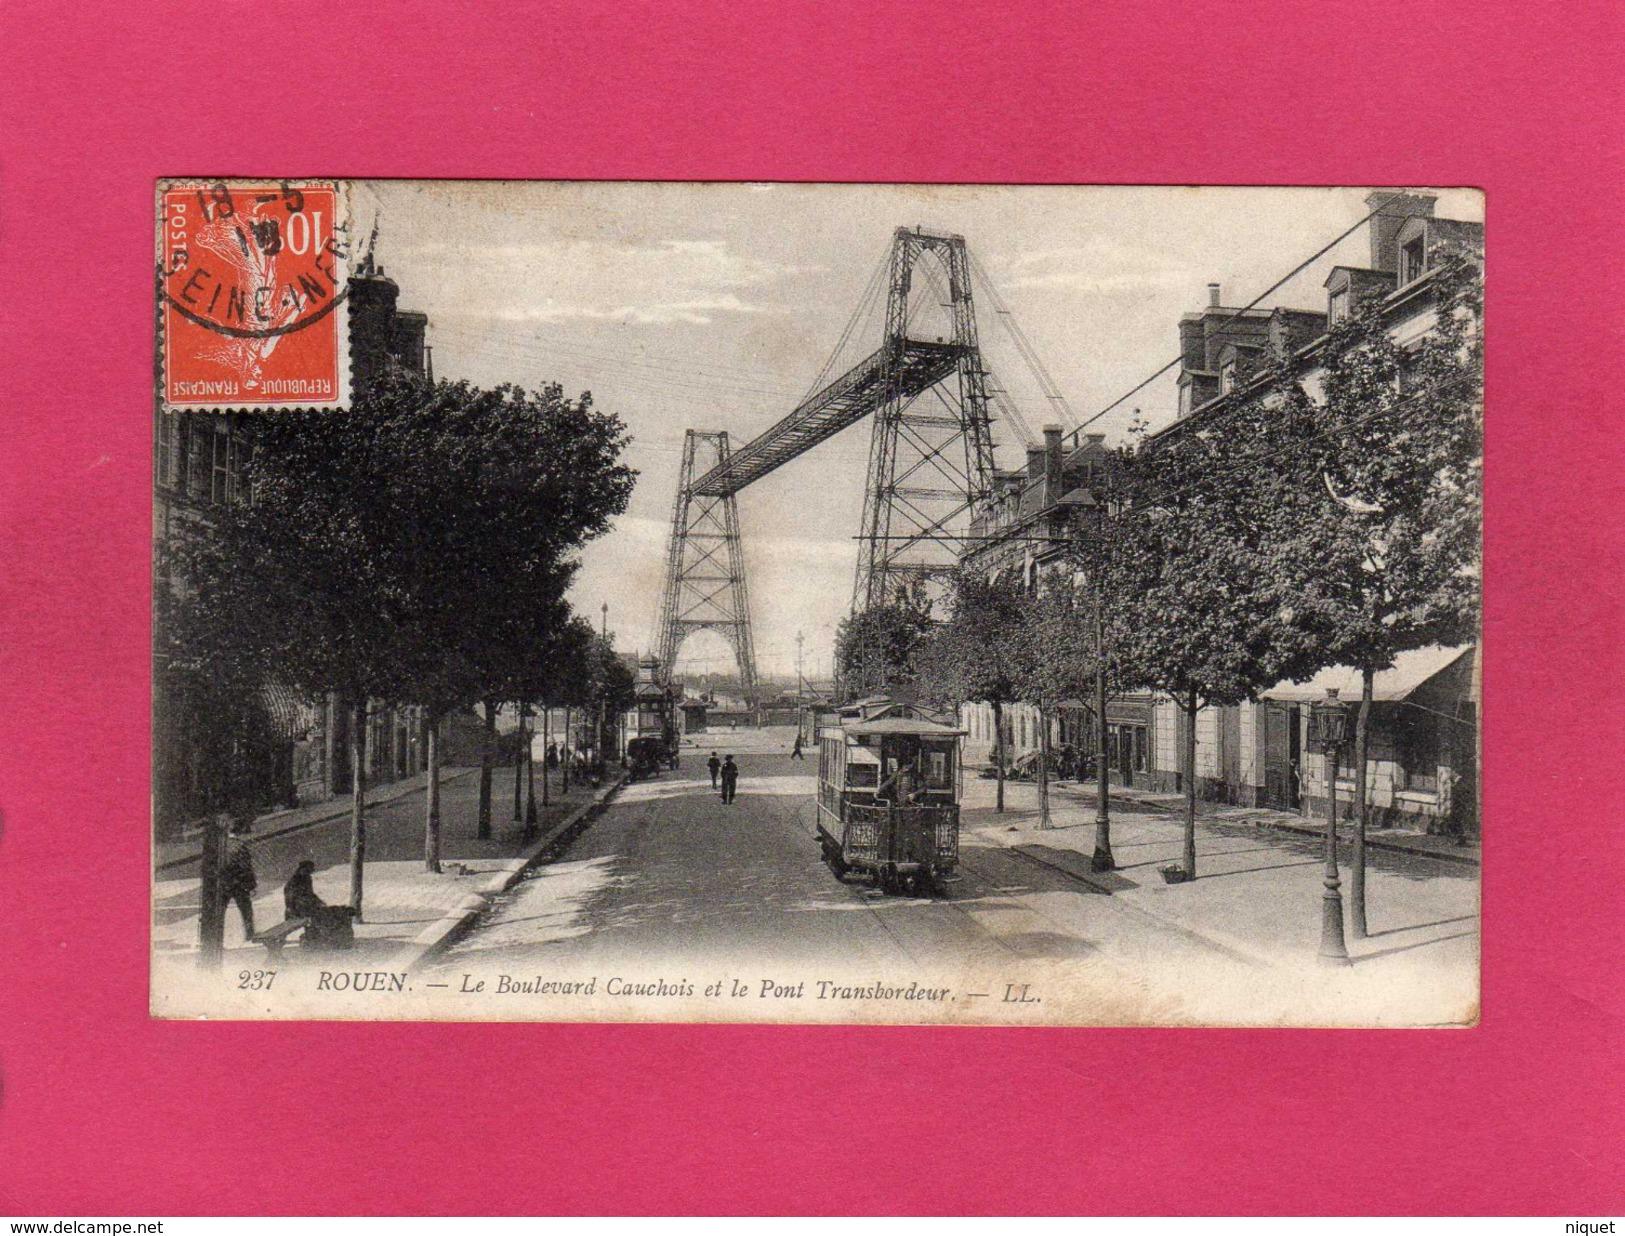 76 SEINE MARITIME, ROUEN, Le Boulevard Cauchois Et Le Pont Transbordeur, Animée, 1910, (L. L.) - Rouen